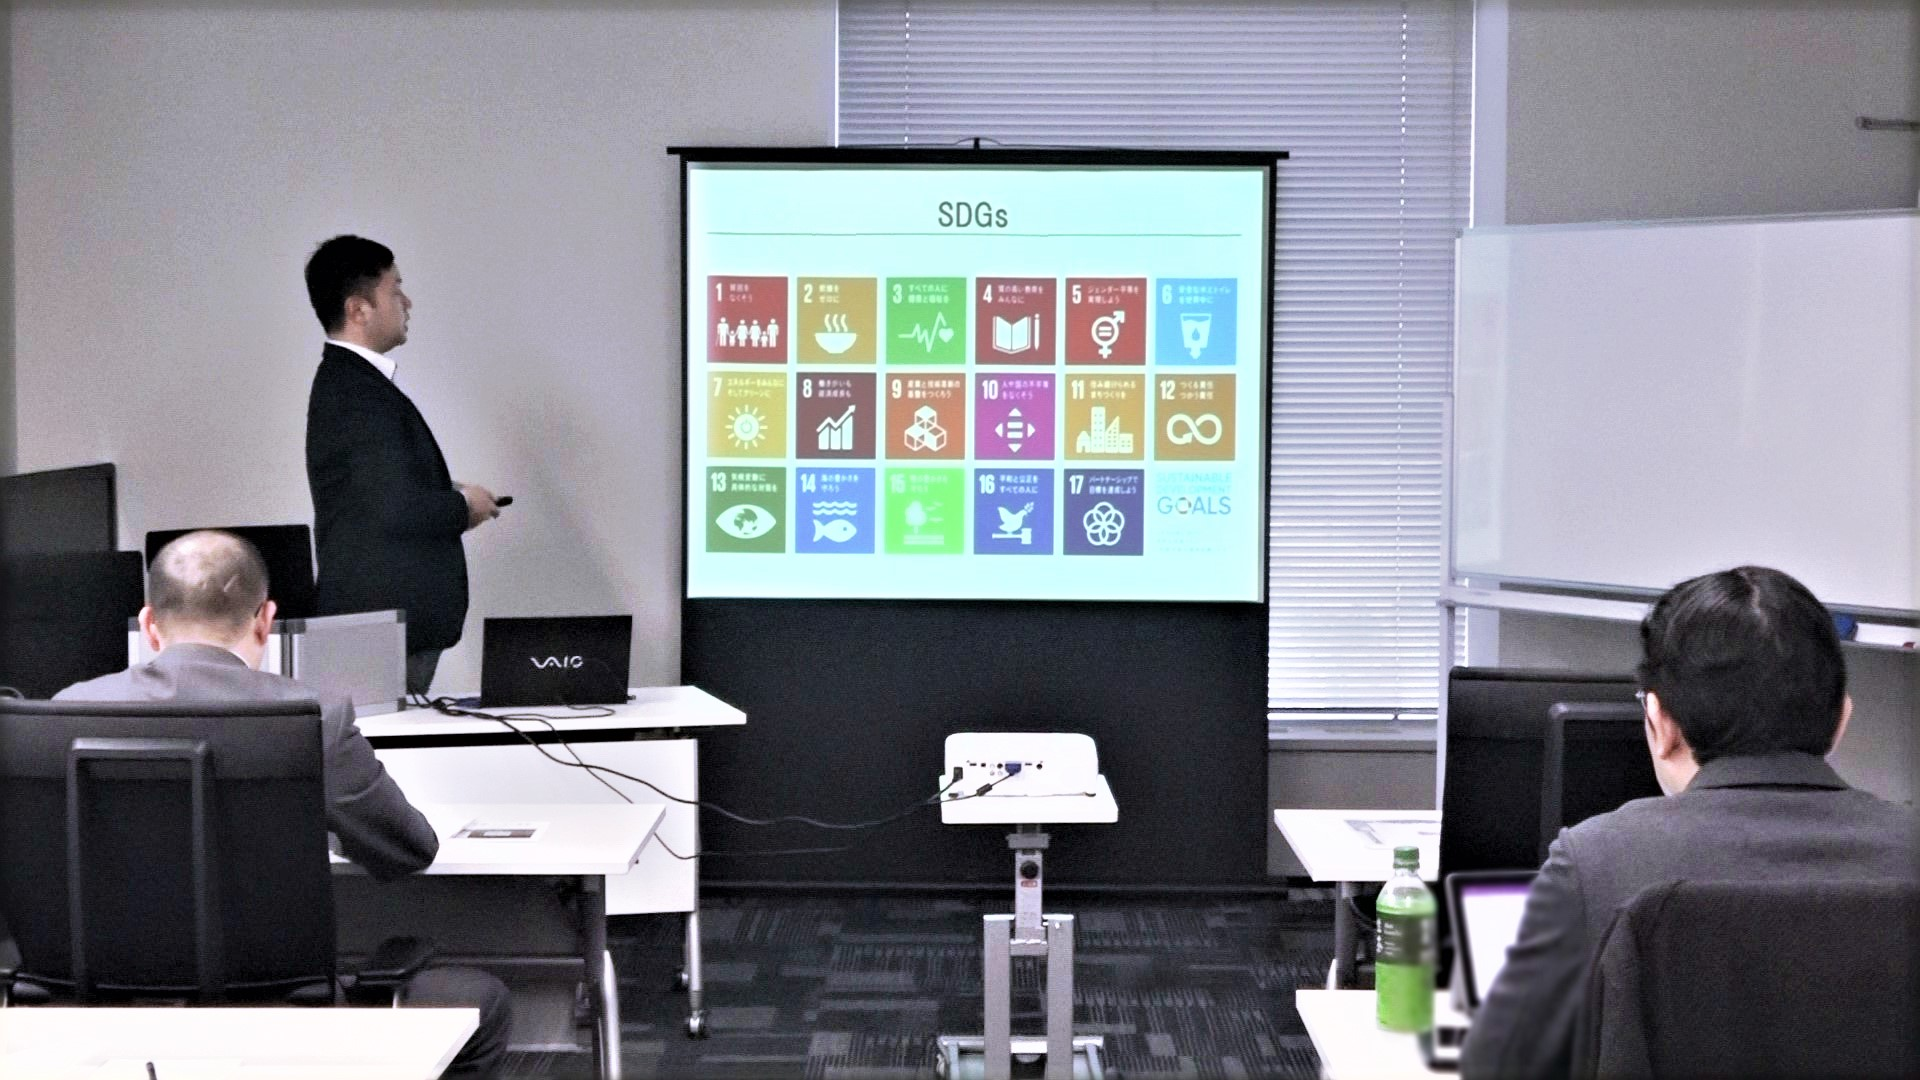 優秀な人材の確保・育成に最適!「SDGs勉強会」開催レポート - 優秀な人材の確保・育成に最適!「SDGs勉強会」開催レポート